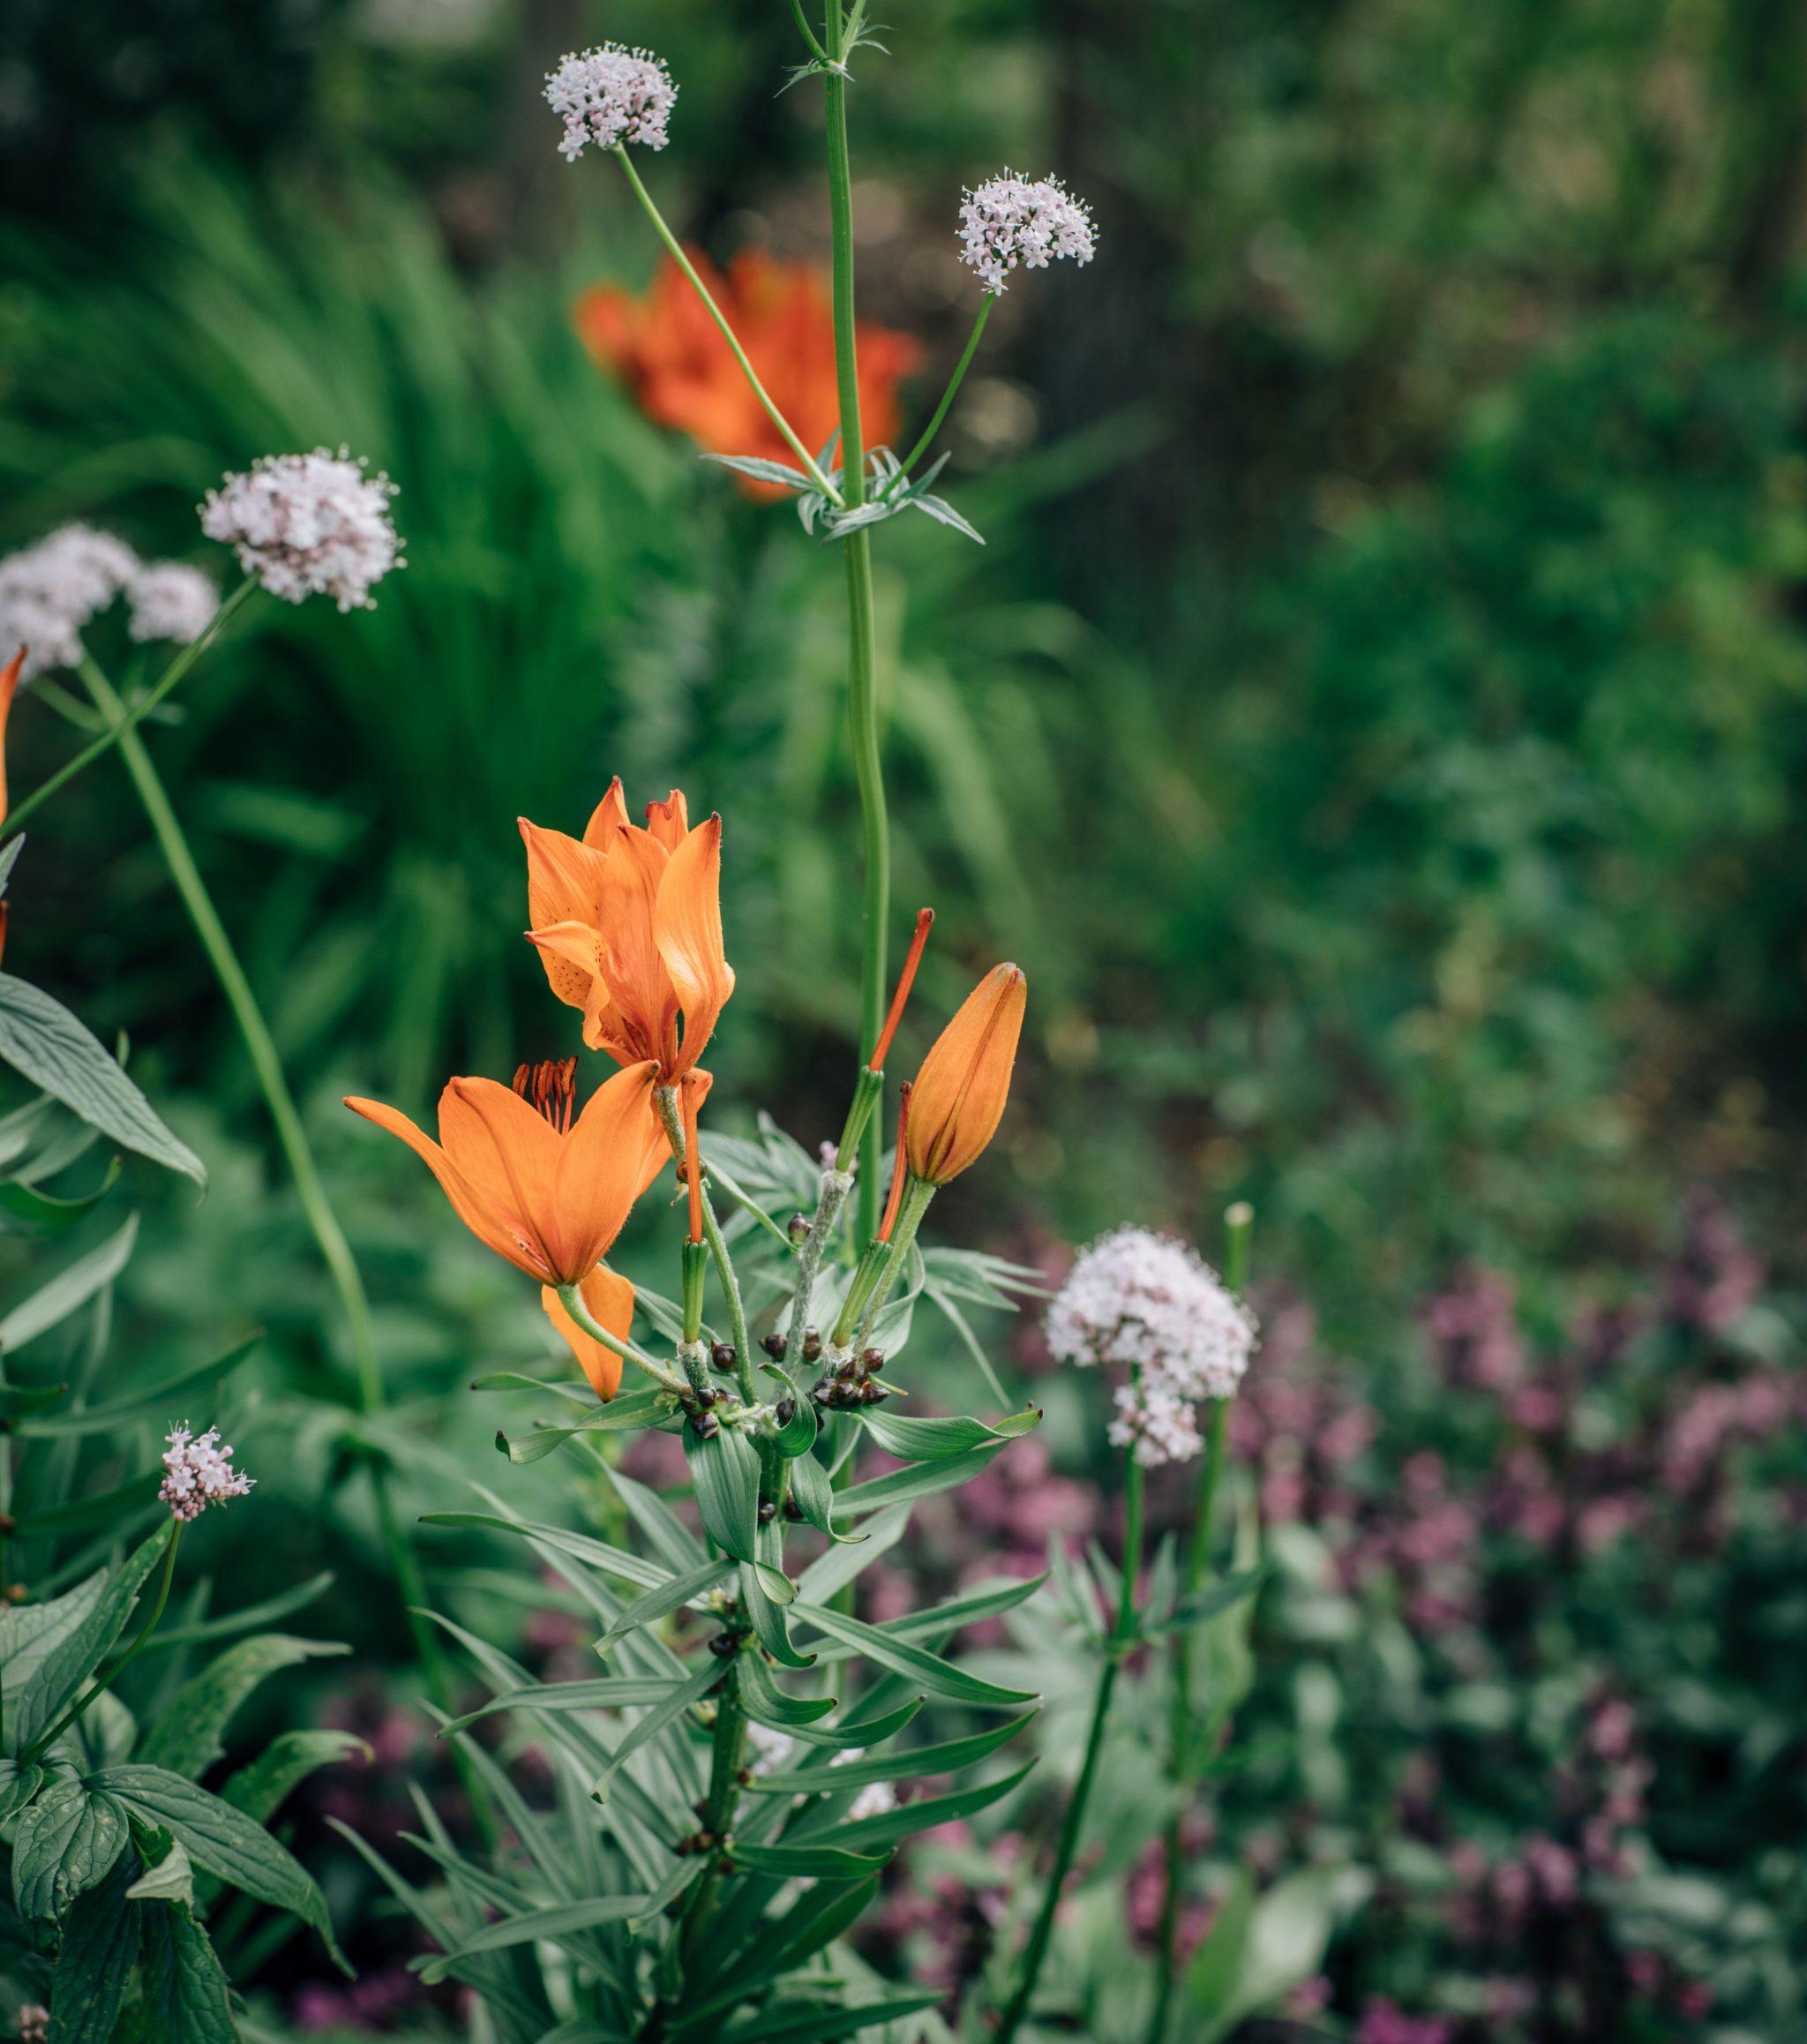 33af99d72e3f Min trädgård - Blommor & Trädgård - UnderbaraClara